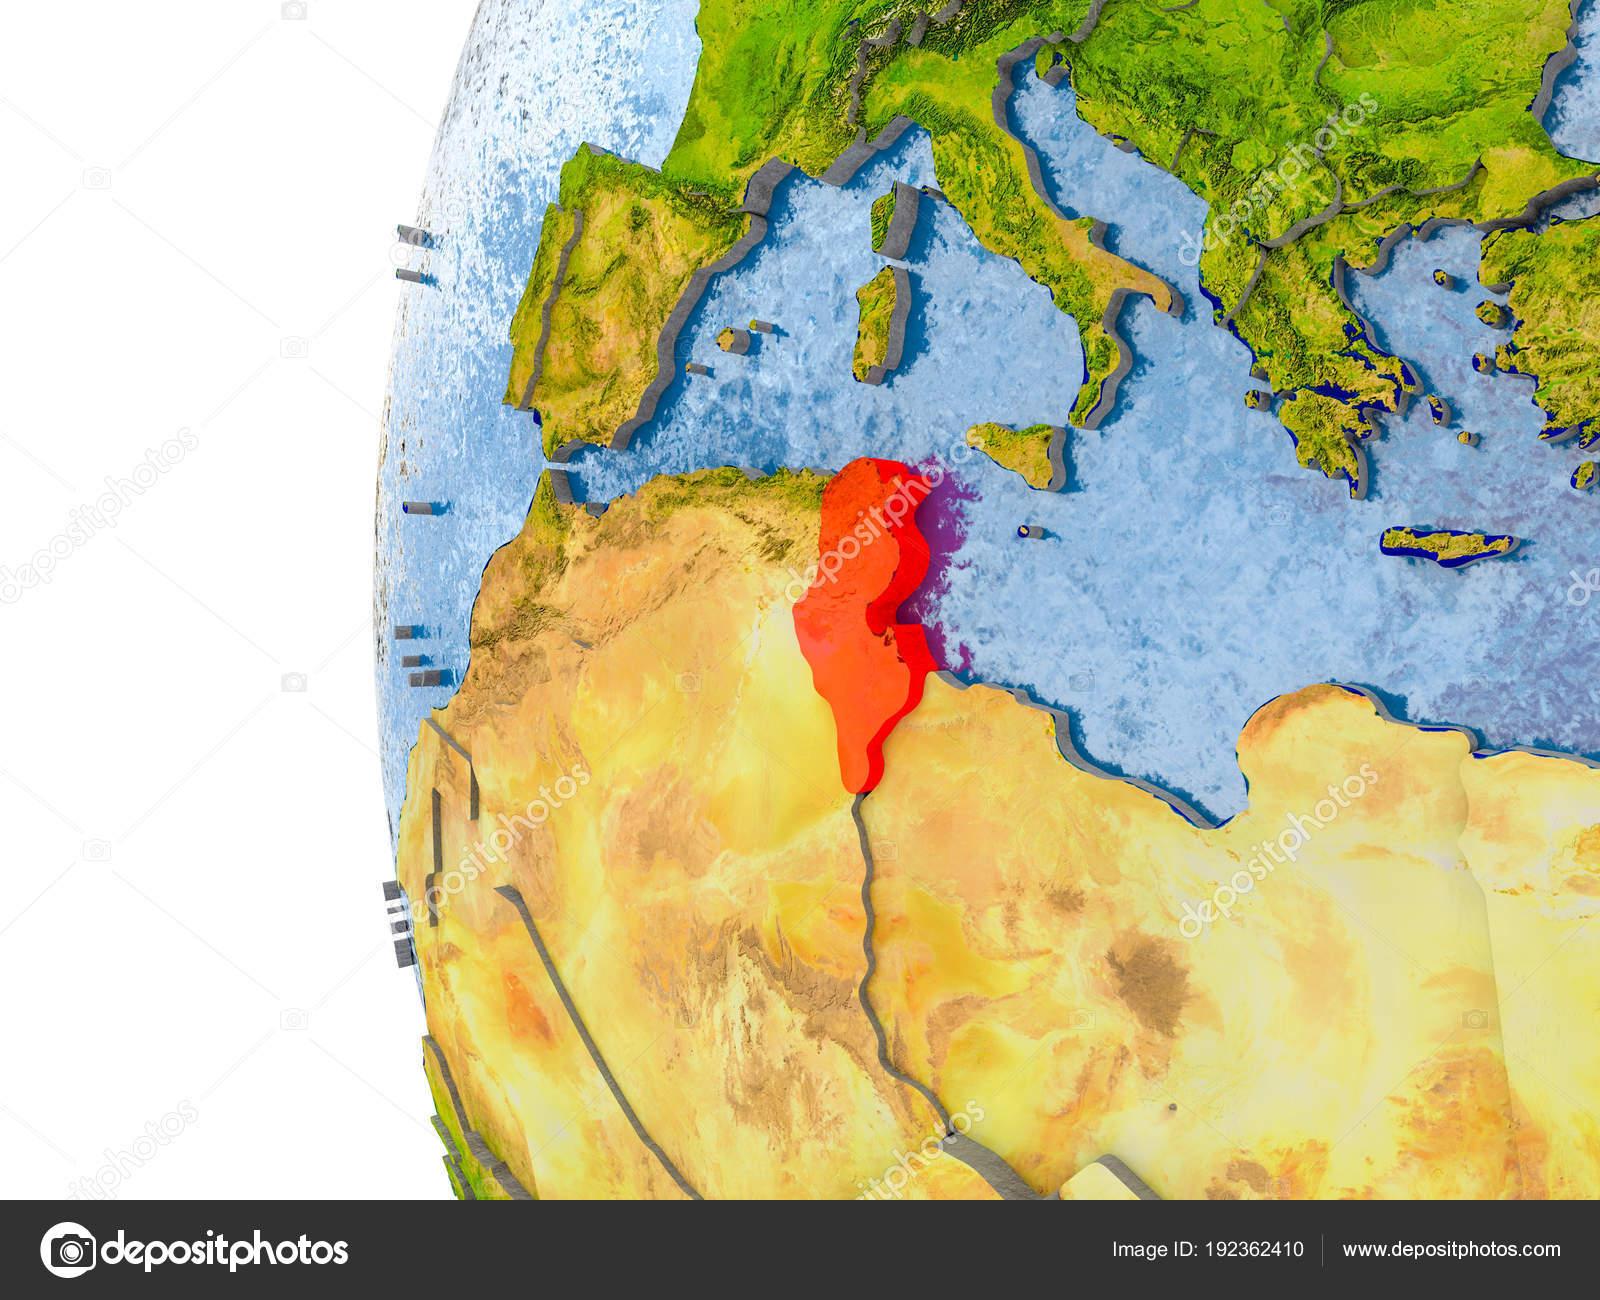 Tunesien Karte Welt.Karte Von Tunesien Nach Vorbild Der Ganzen Welt Stockfoto Tom